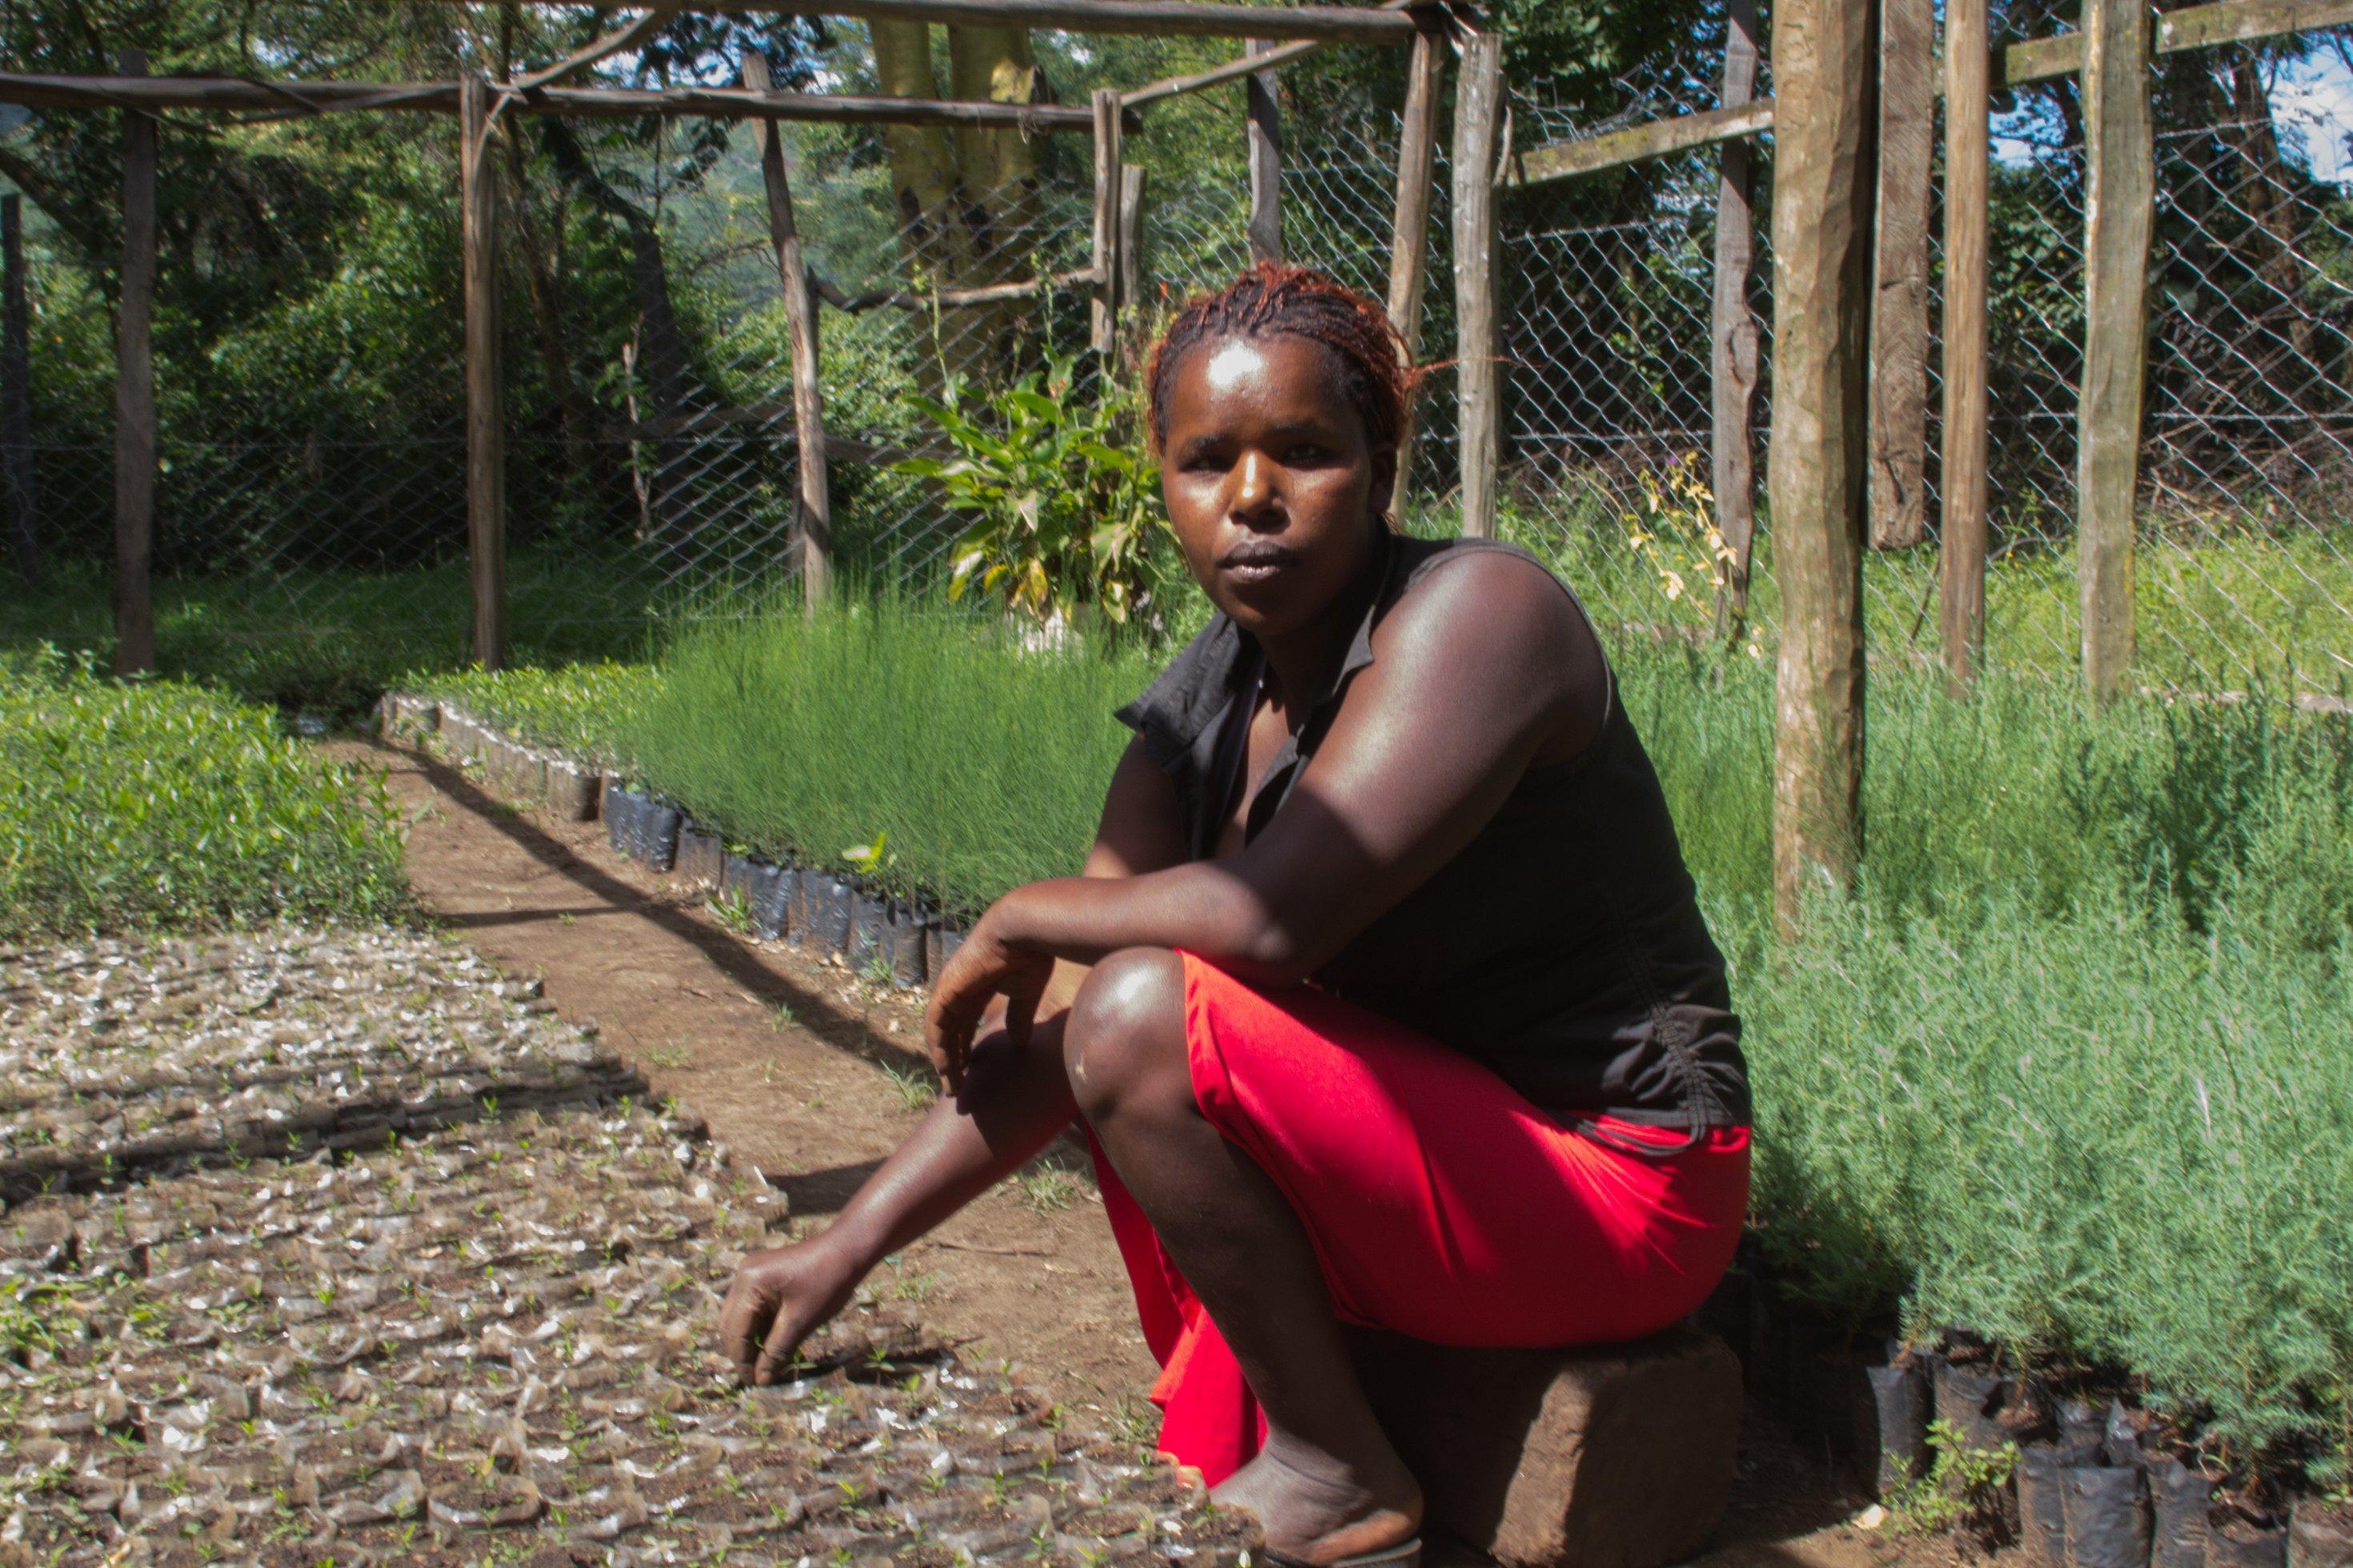 Eine junge Frau in rotem Rock hockt zwischen Setzlingen in einer. Baumschule.